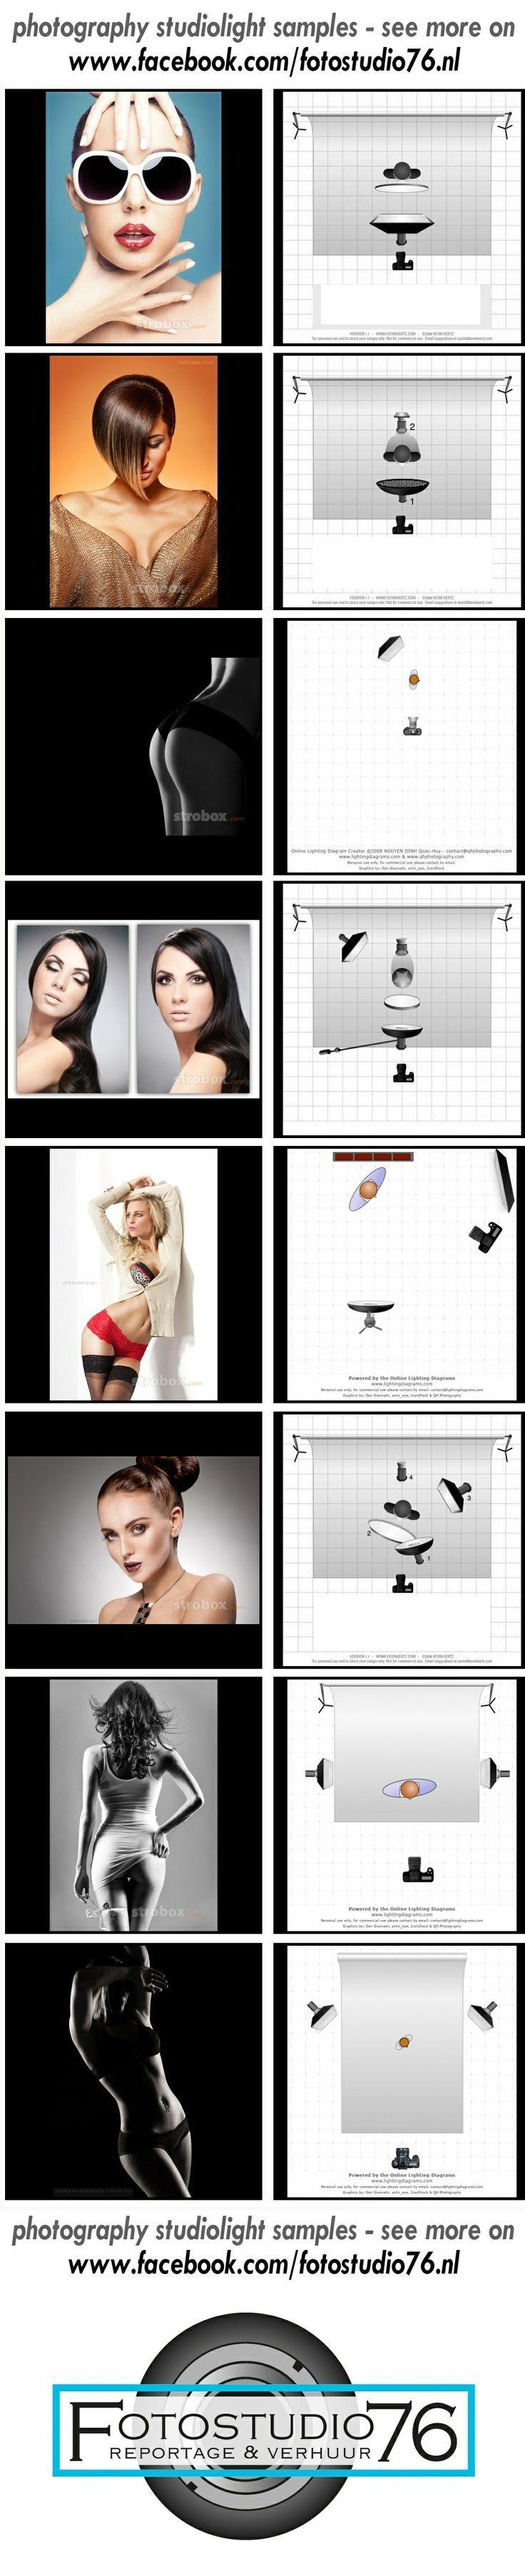 Posizionamento delle luci - inviati  in Guide alla fotografia (infografiche): Il posizionamento delle luci sopratutto nella fotografia in studio e fondamentale. Questa Iconografia vi indica degli schemi standard coi quali potete cimentarvi per ottenere luci sempre perfette.